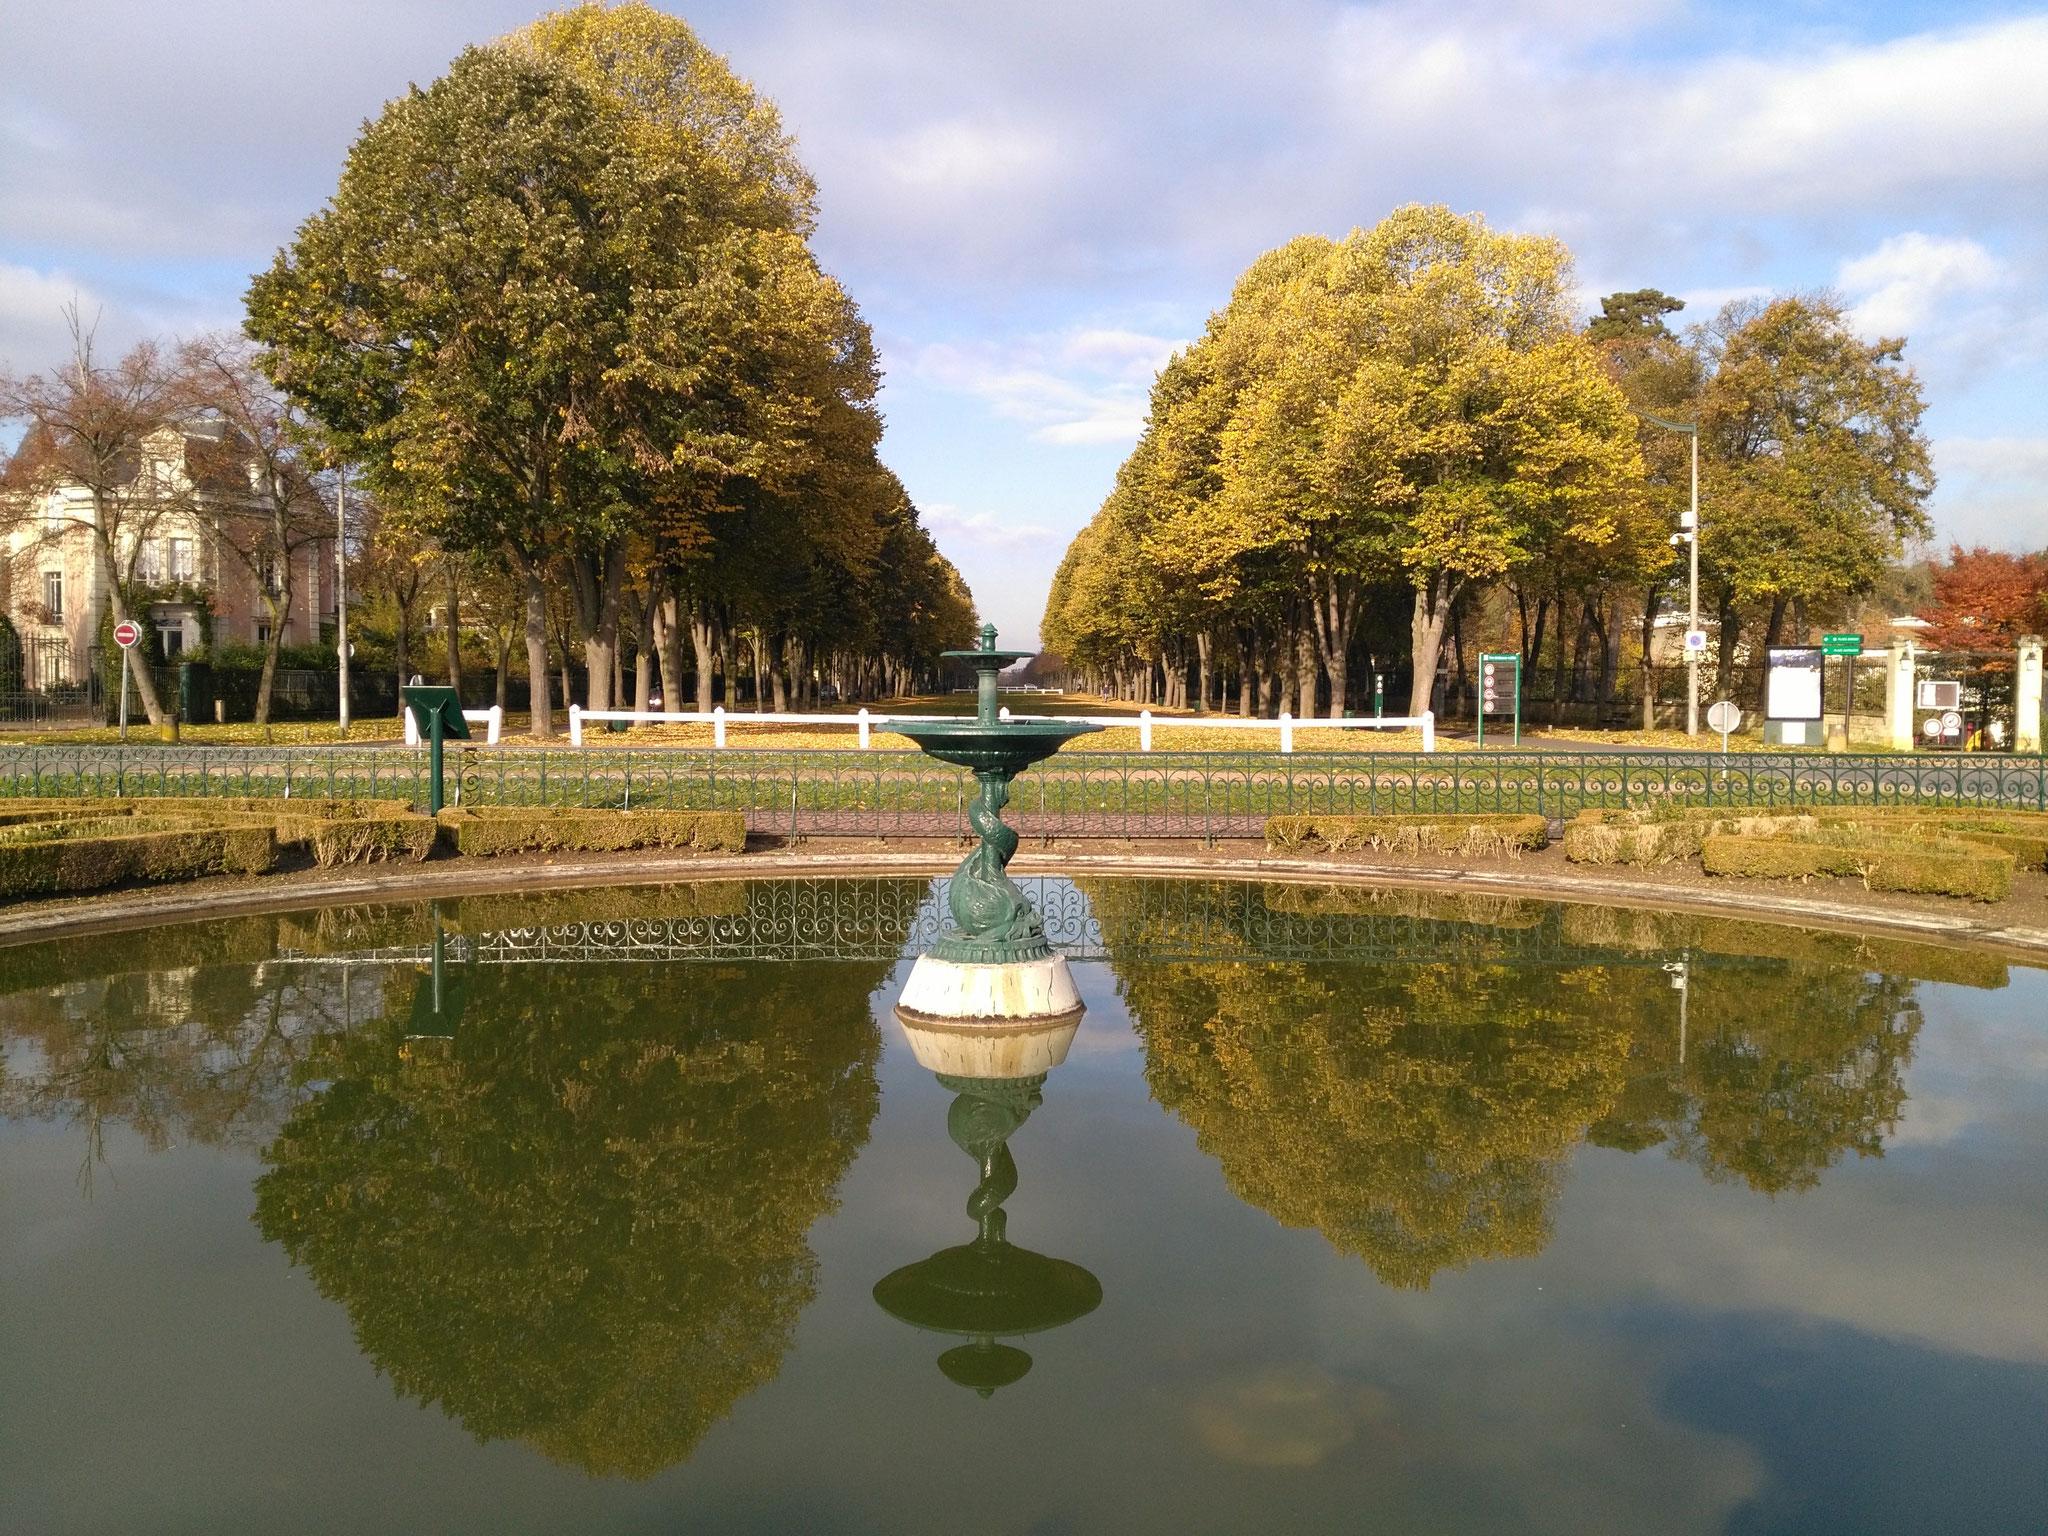 The castel park